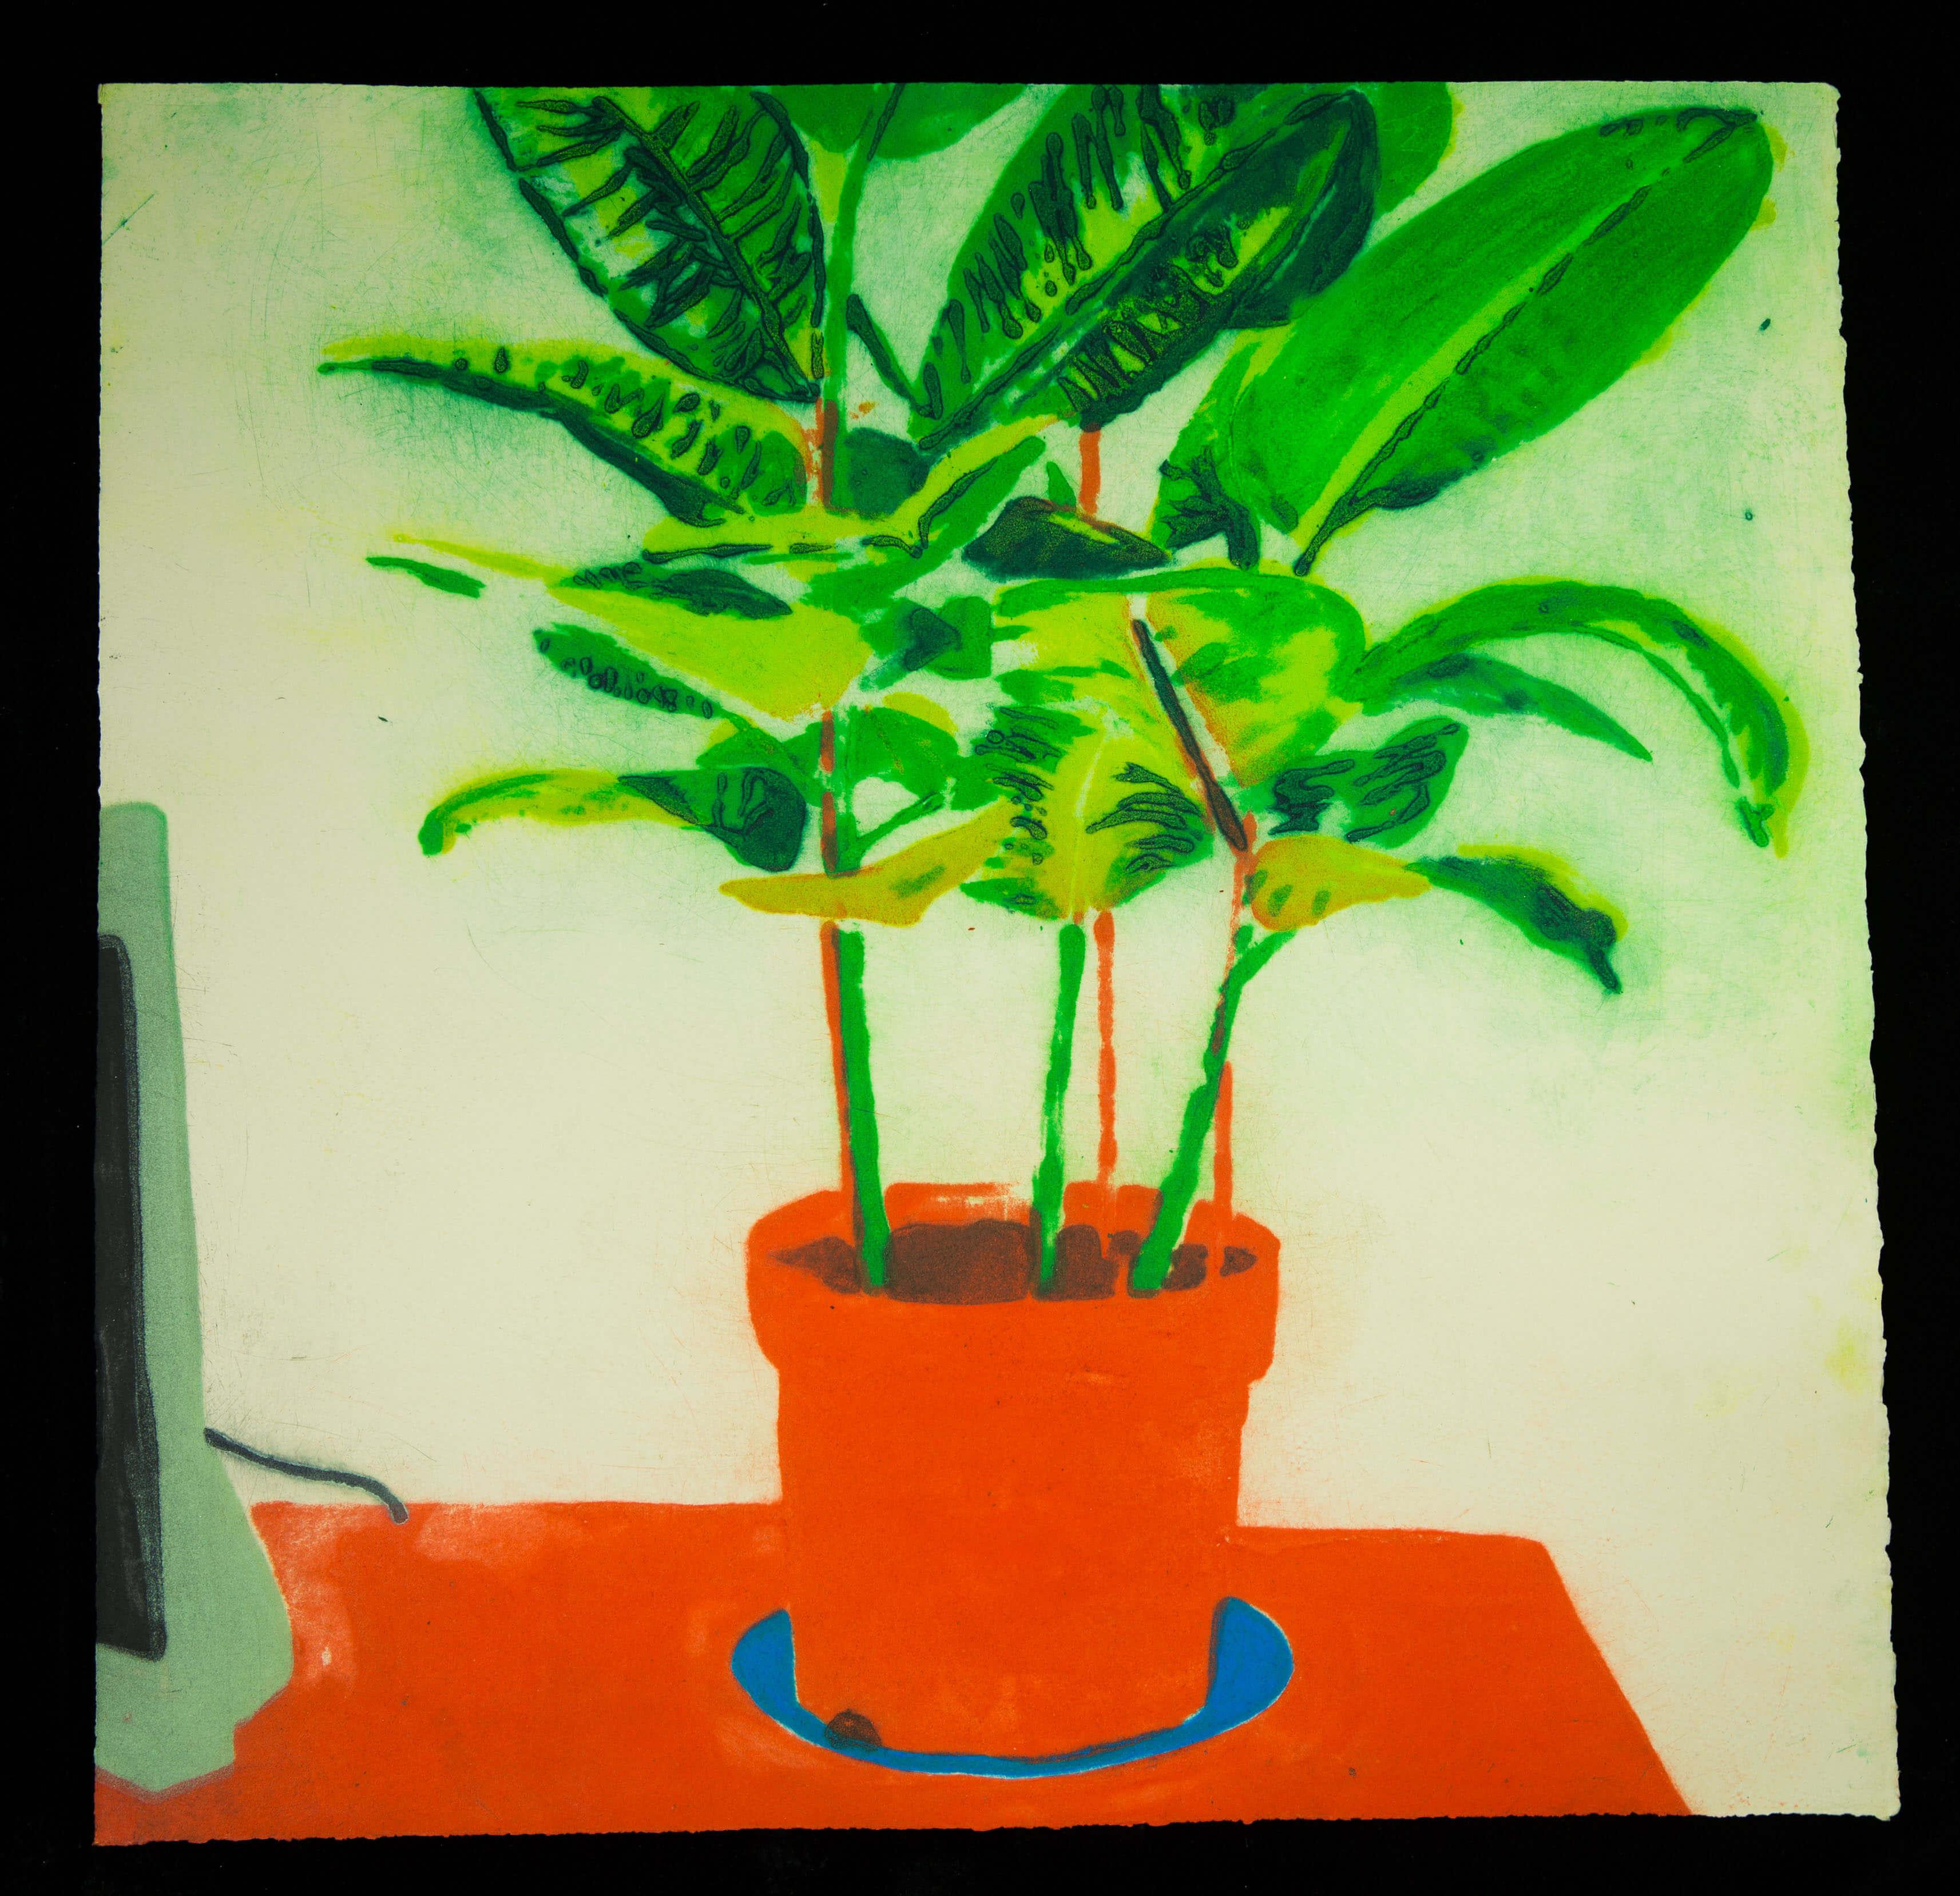 House Plant I, 2015